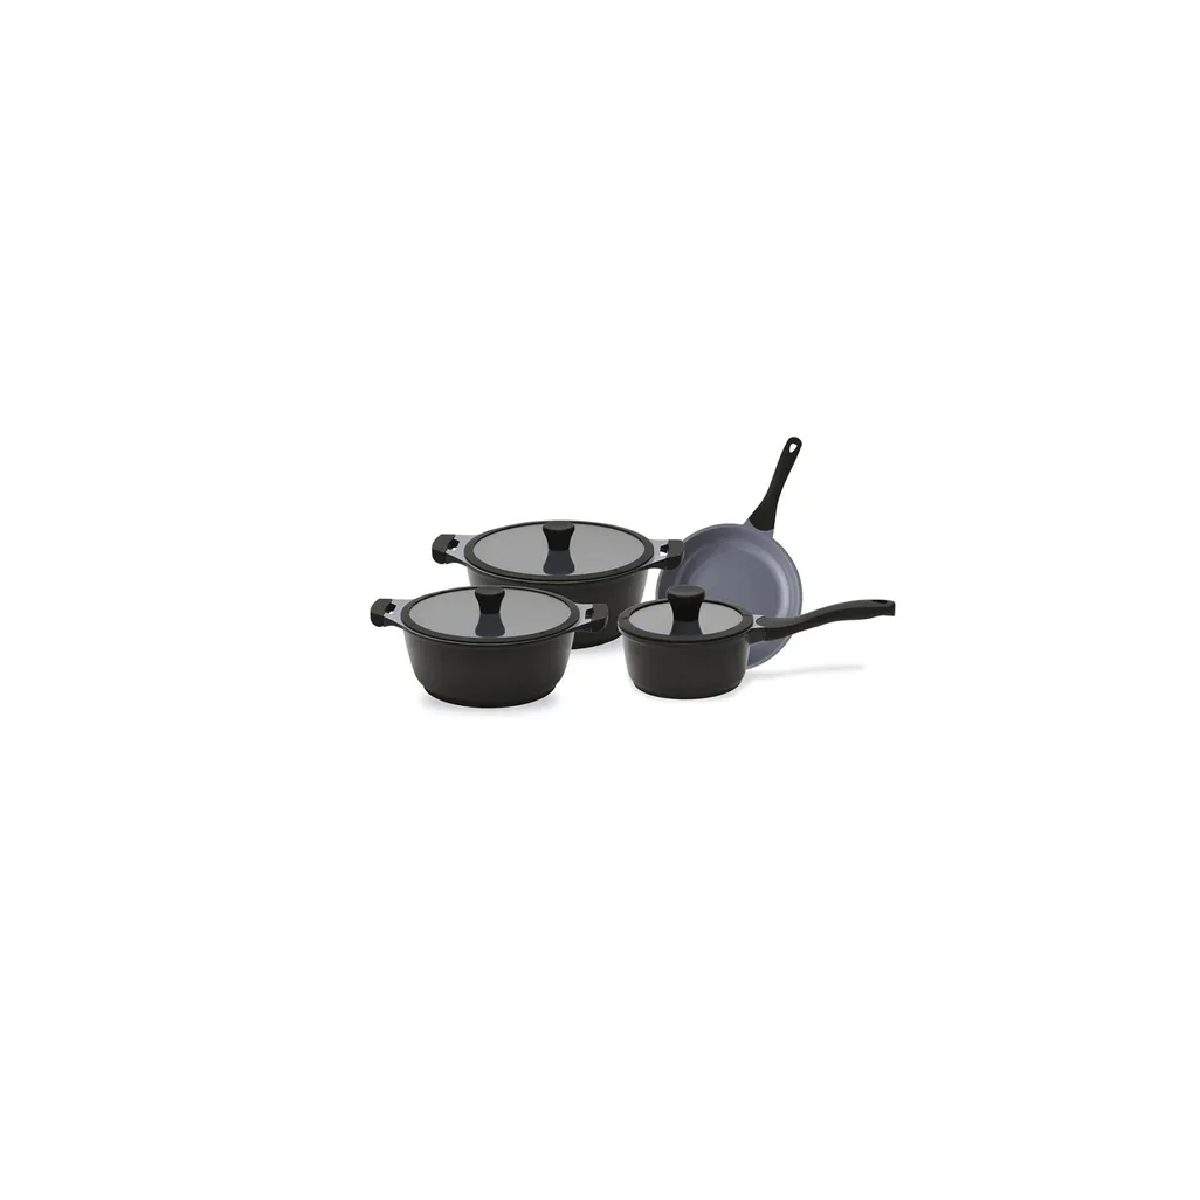 Jogo De Panelas Indução 4pçs Ceramica Ecolumi Premium 4.5  - LZ COZINHA